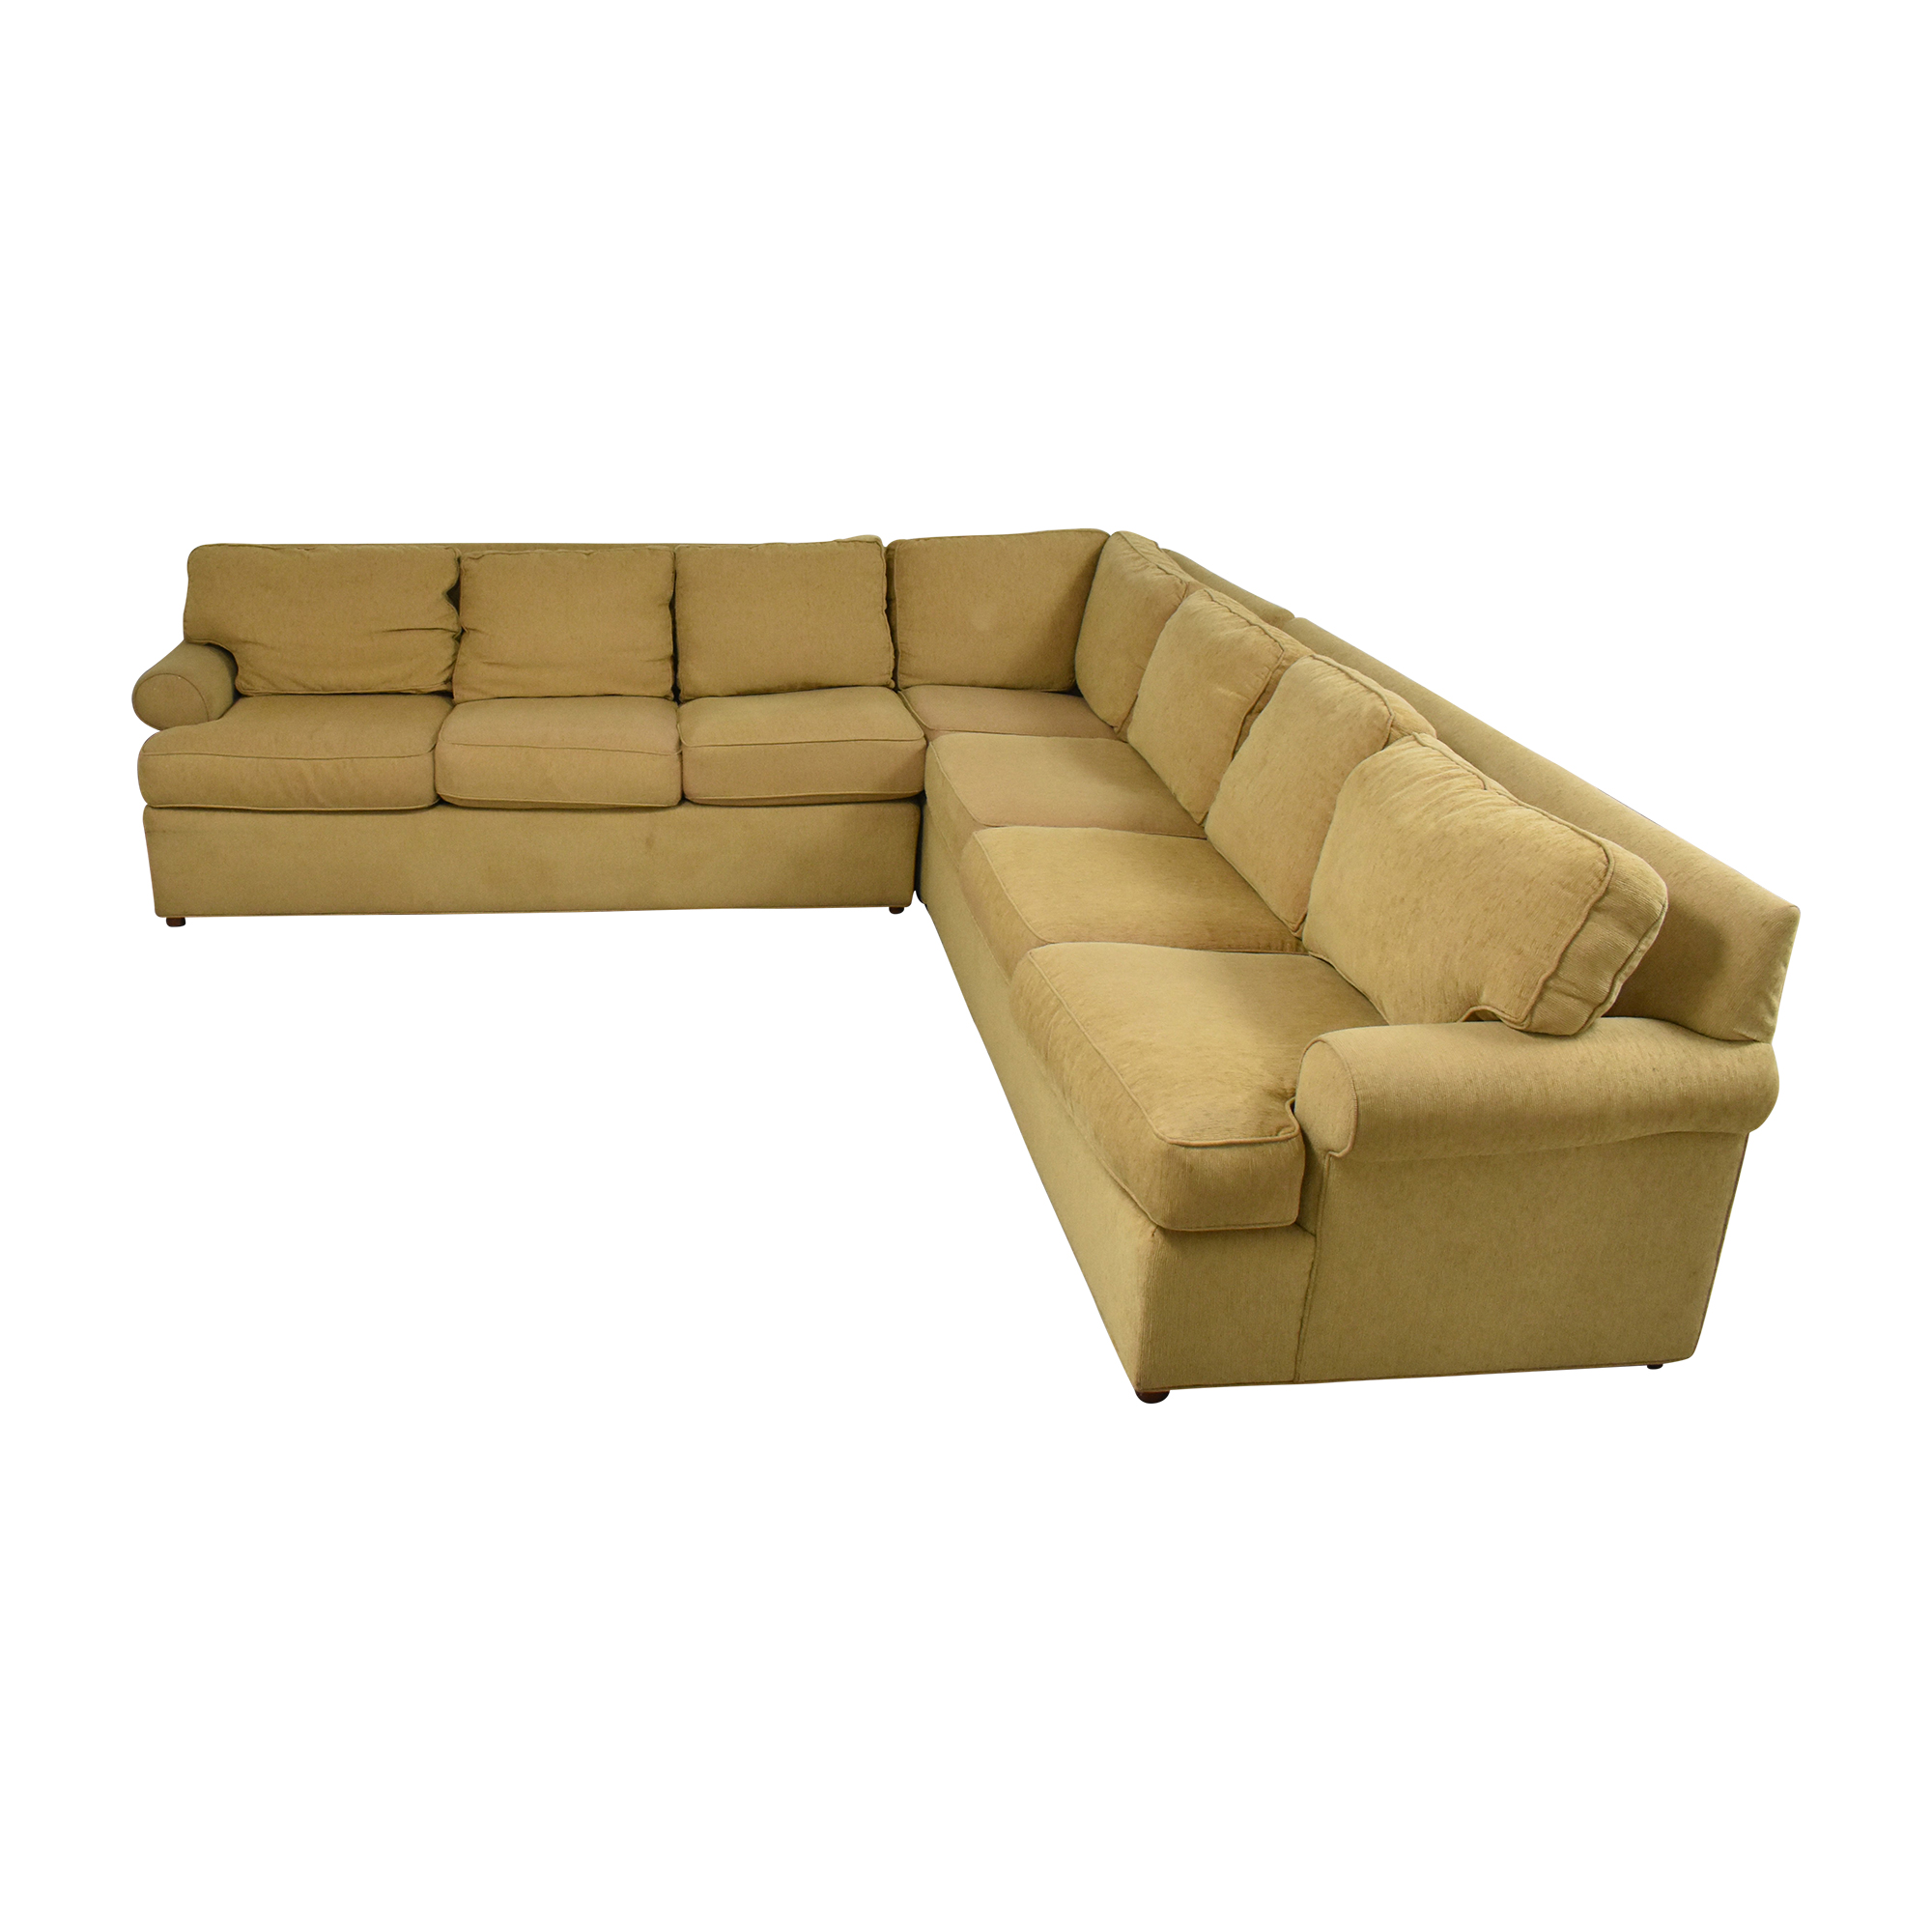 shop Ethan Allen Roll Arm Sectional Sofa Ethan Allen